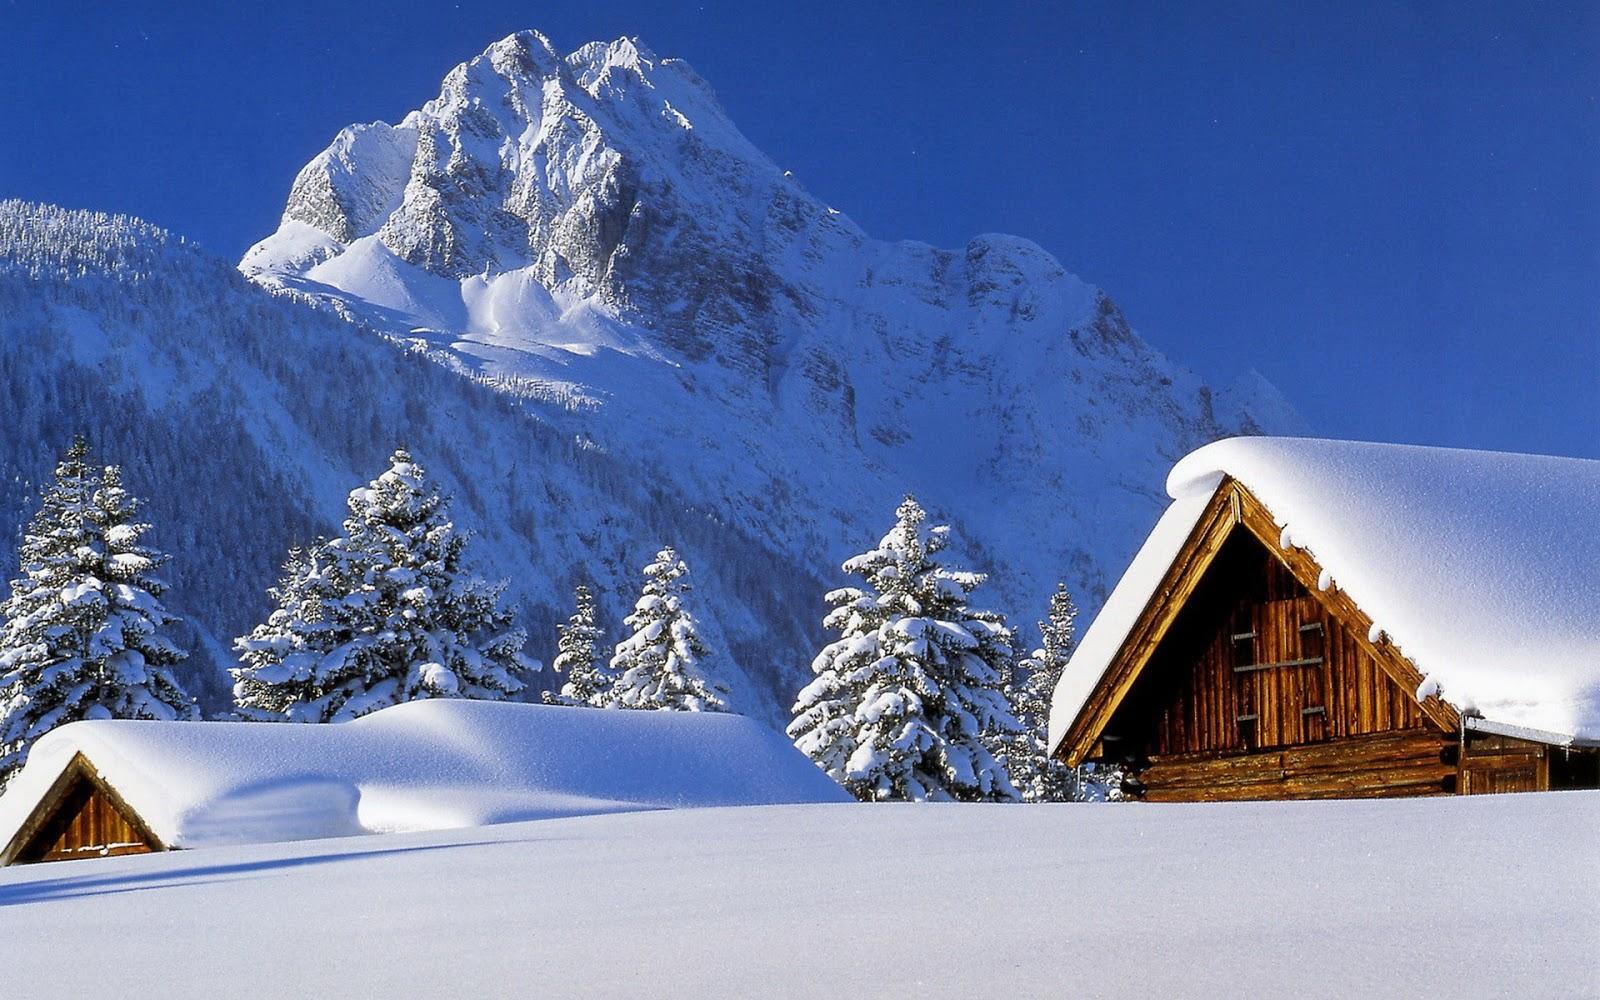 Wallpapernarium bellas caba as de invierno cubiertas de nieve suave - Cabana invierno ...